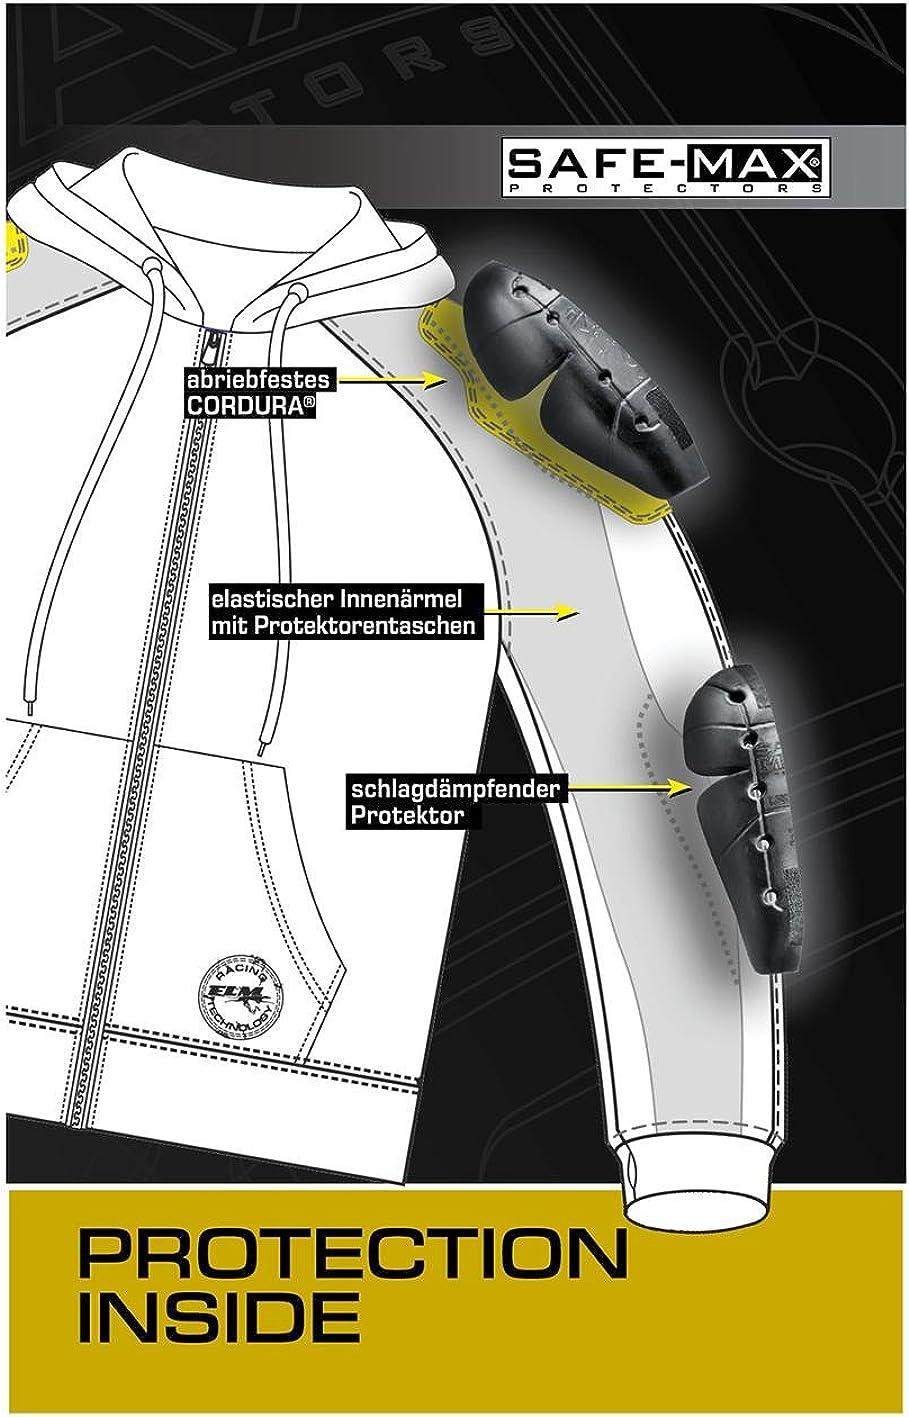 FLM Hoodie Schulter- und Ellbogenprotektoren Einschubtaschen Sweetjacke Hoodie mit Protektoren M-3XL Motorrad-Hoodie elastische /Ärmelb/ündchen und Jackensaum